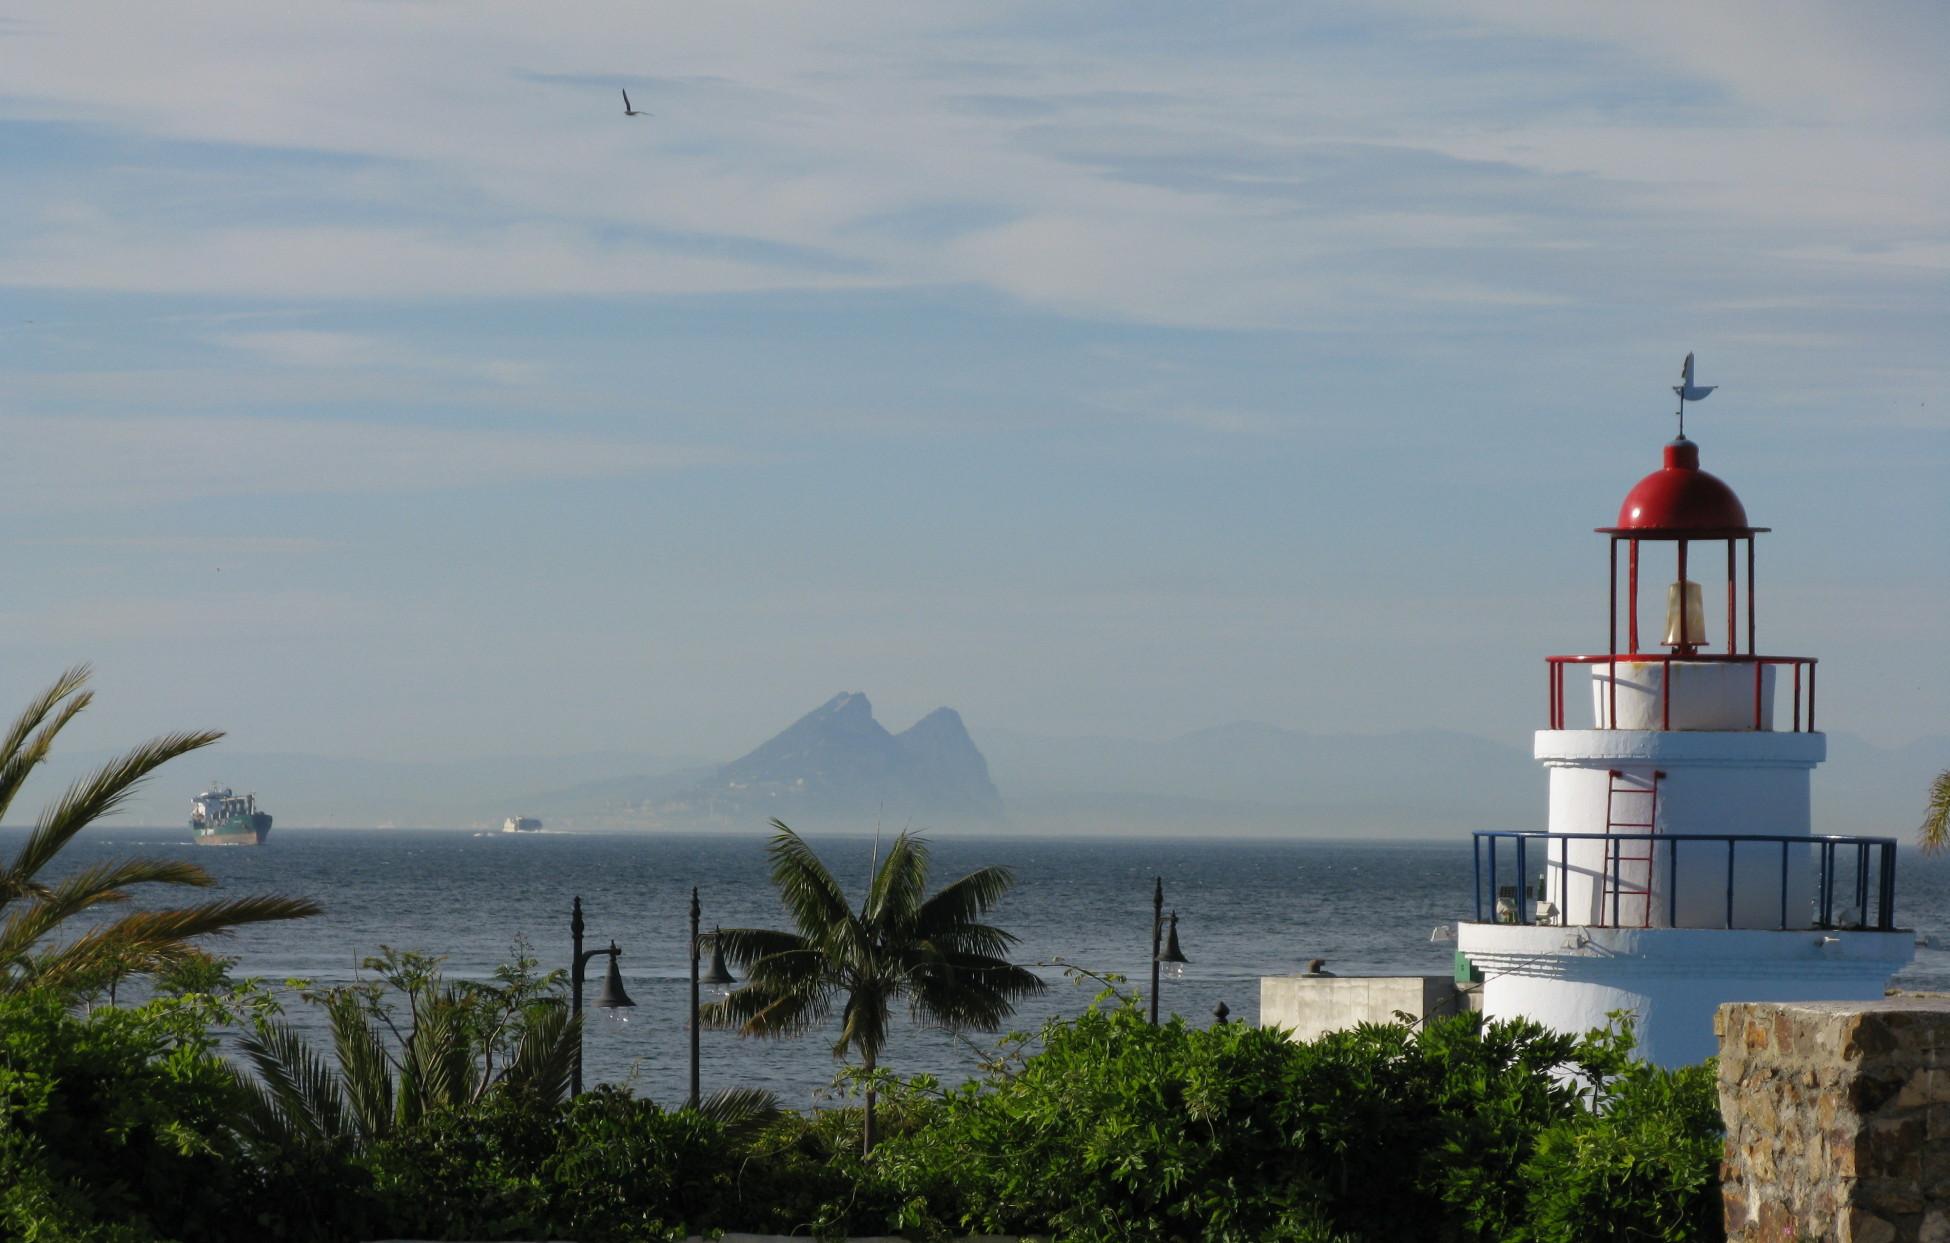 Вид на пролив со стороны Сеута, вдали виден двугорбый мыс Гибралтар